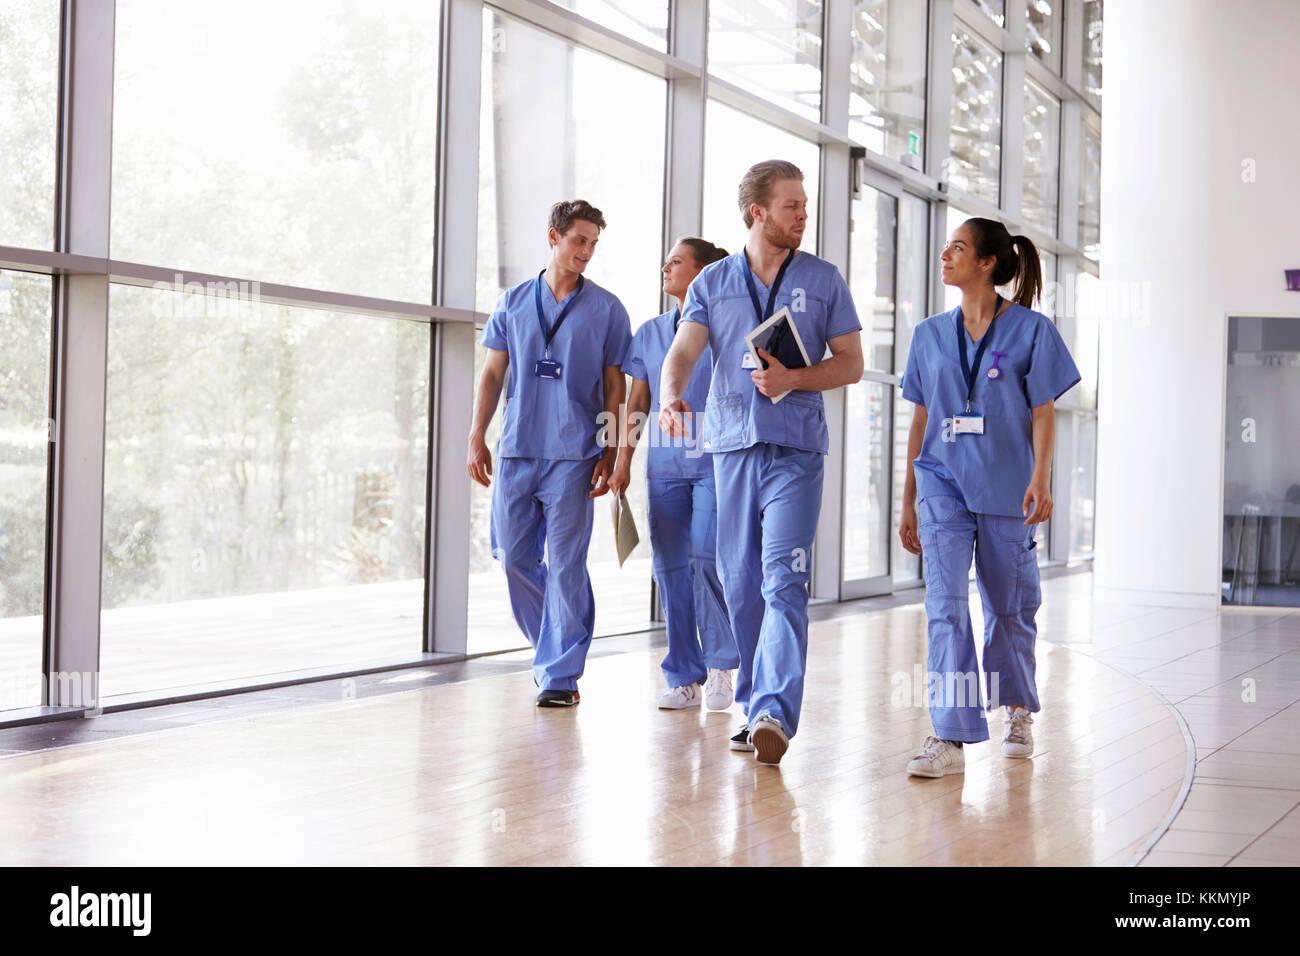 Quatre travailleurs de la santé dans scrubs walking in corridor Photo Stock